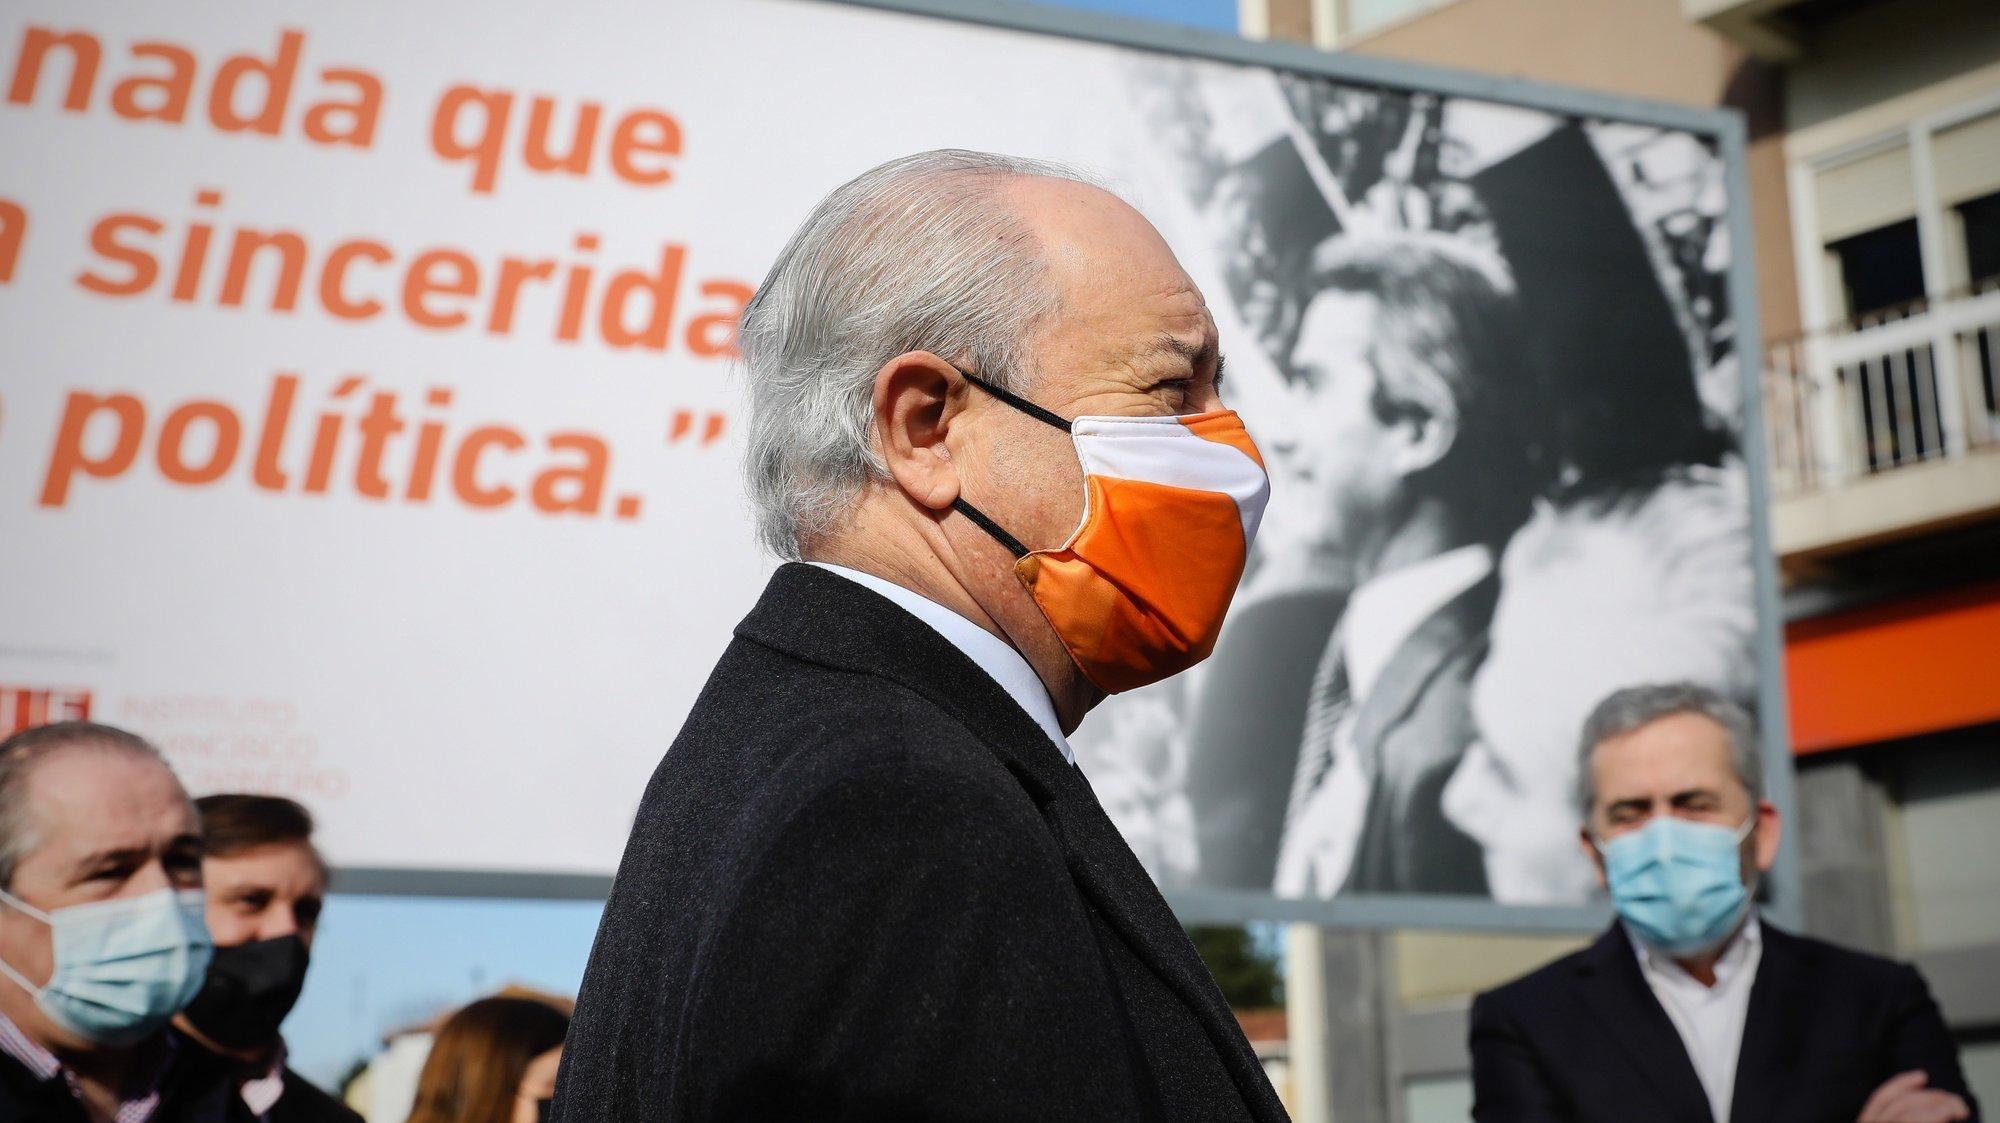 O presidente do Partido Social Democrata (PSD), Rui Rio (C), marca presença na inauguração da campanha de cartazes que evocam os 40 anos da morte de Francisco Sá Carneiro, no cruzamento da avenida da Boavista com a avenida Dr. Antunes Guimarães, no Porto, 27 de novembro de 2020. JOSÉ COELHO/LUSA